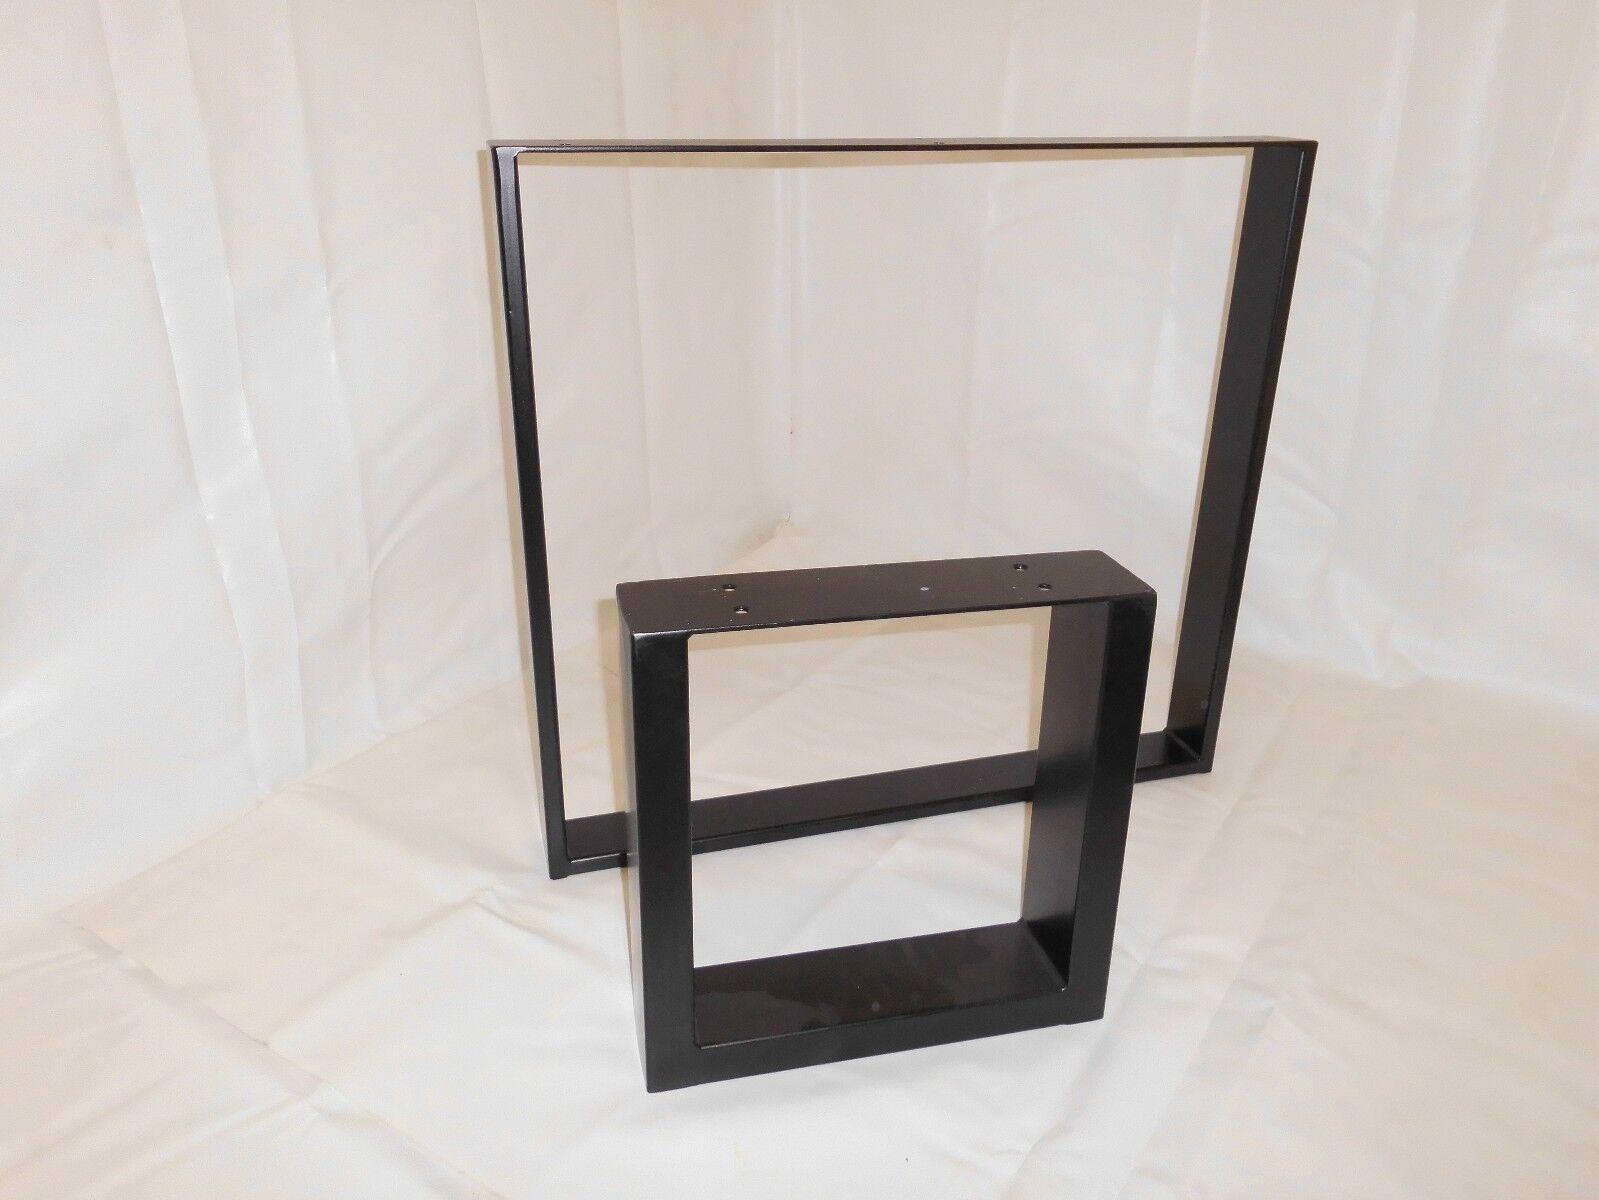 Tischkufe schwarz Tischgestell Tischfuß Kufengestell Tischkufen Tischbeine Kufen